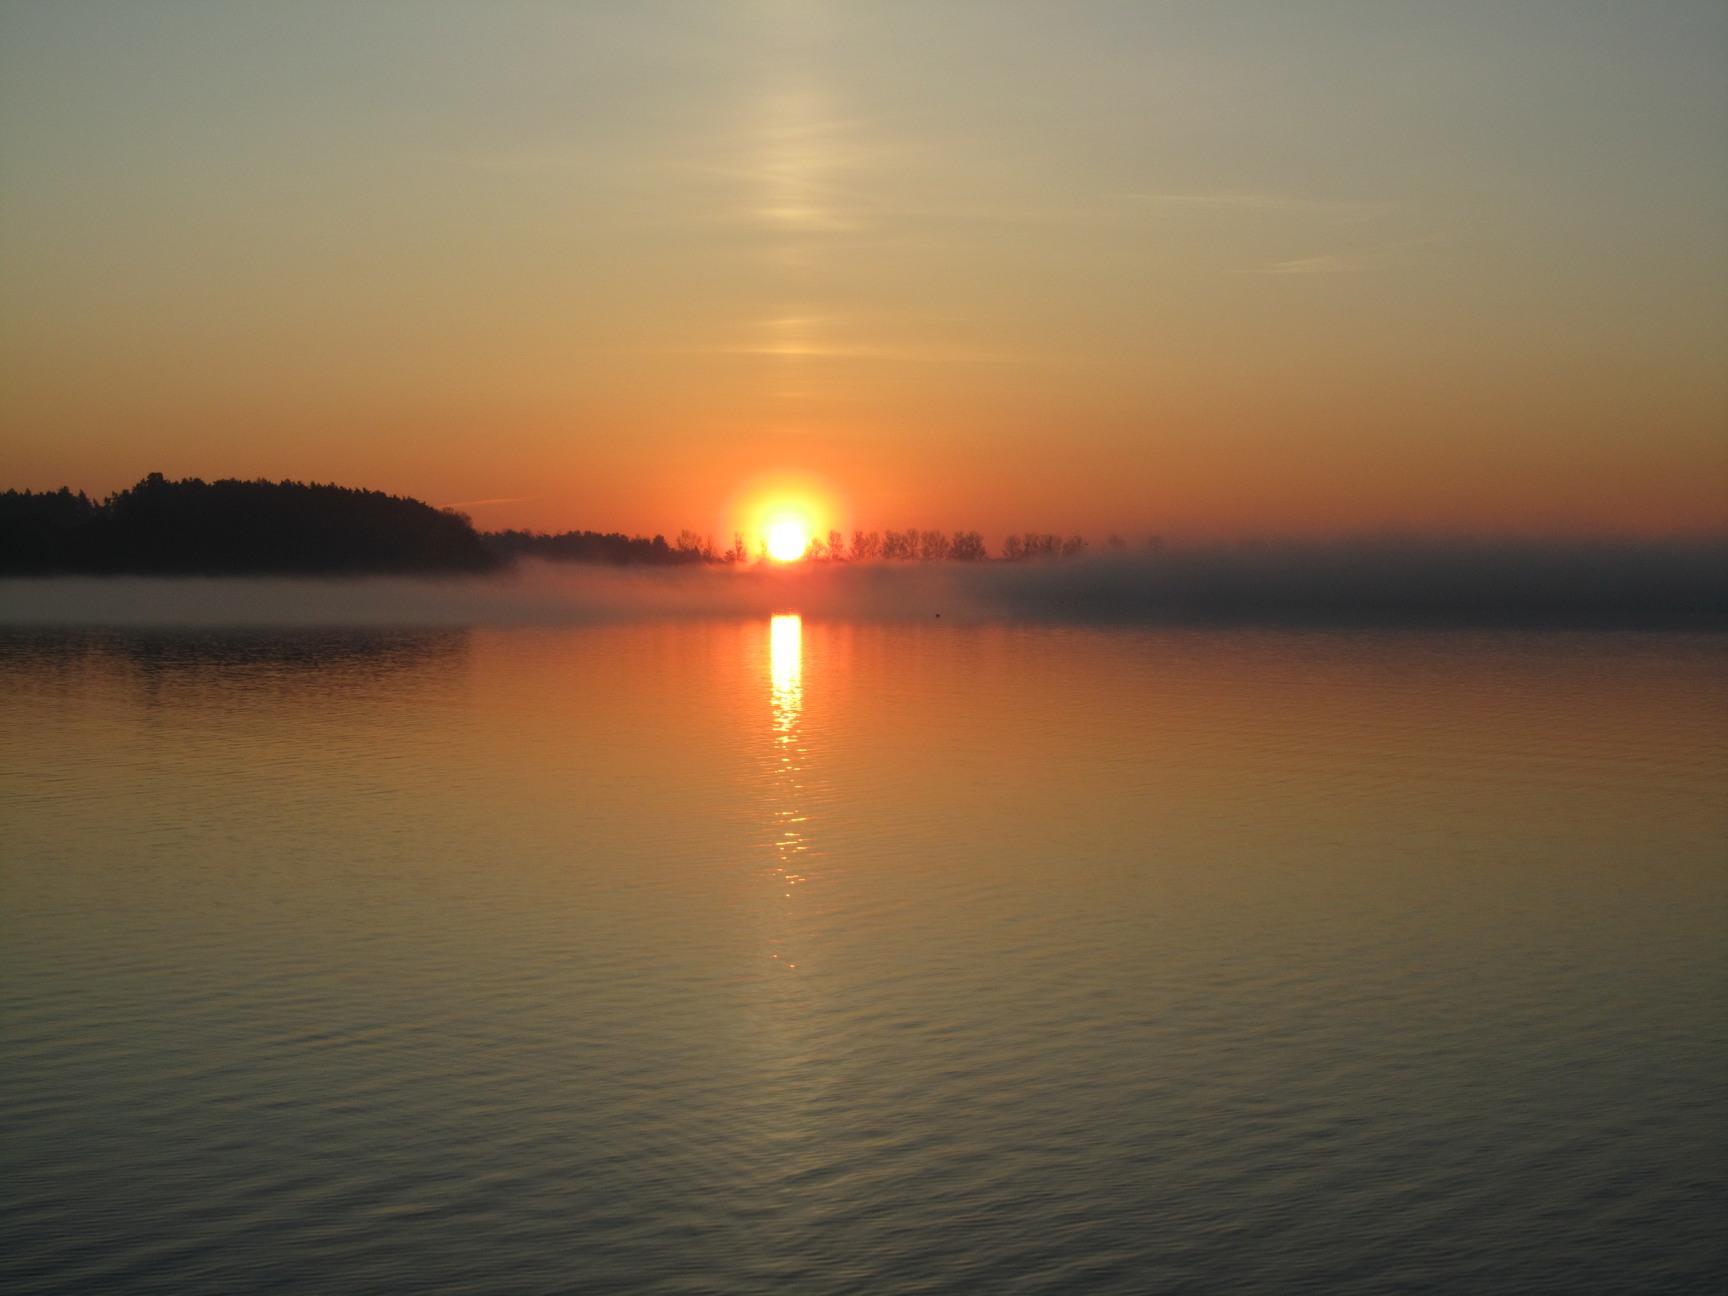 Sonnenaufgang auf dem Strelasund